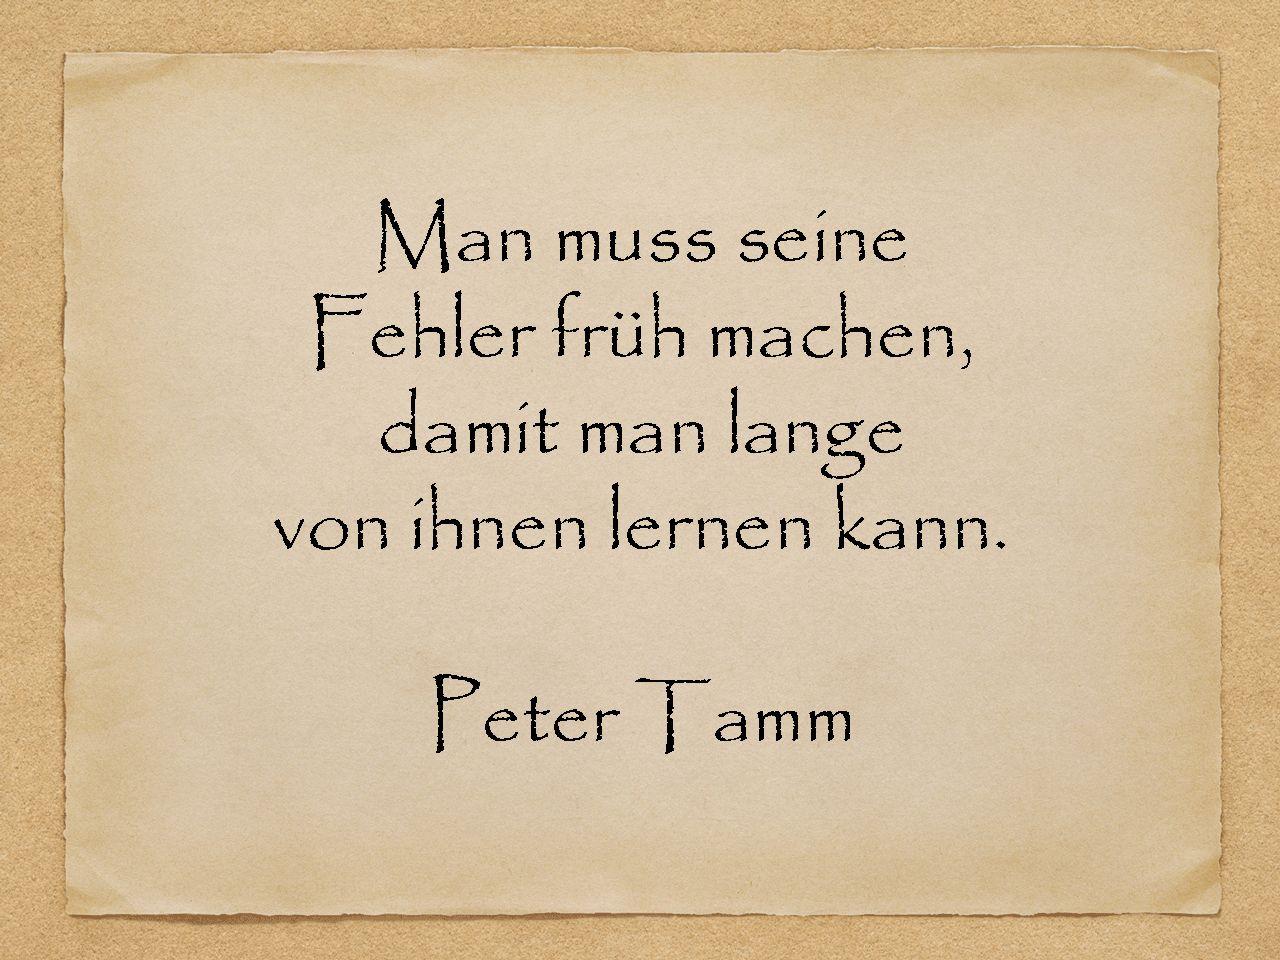 Image Result For Literarische Zitate Zum Geburtstag